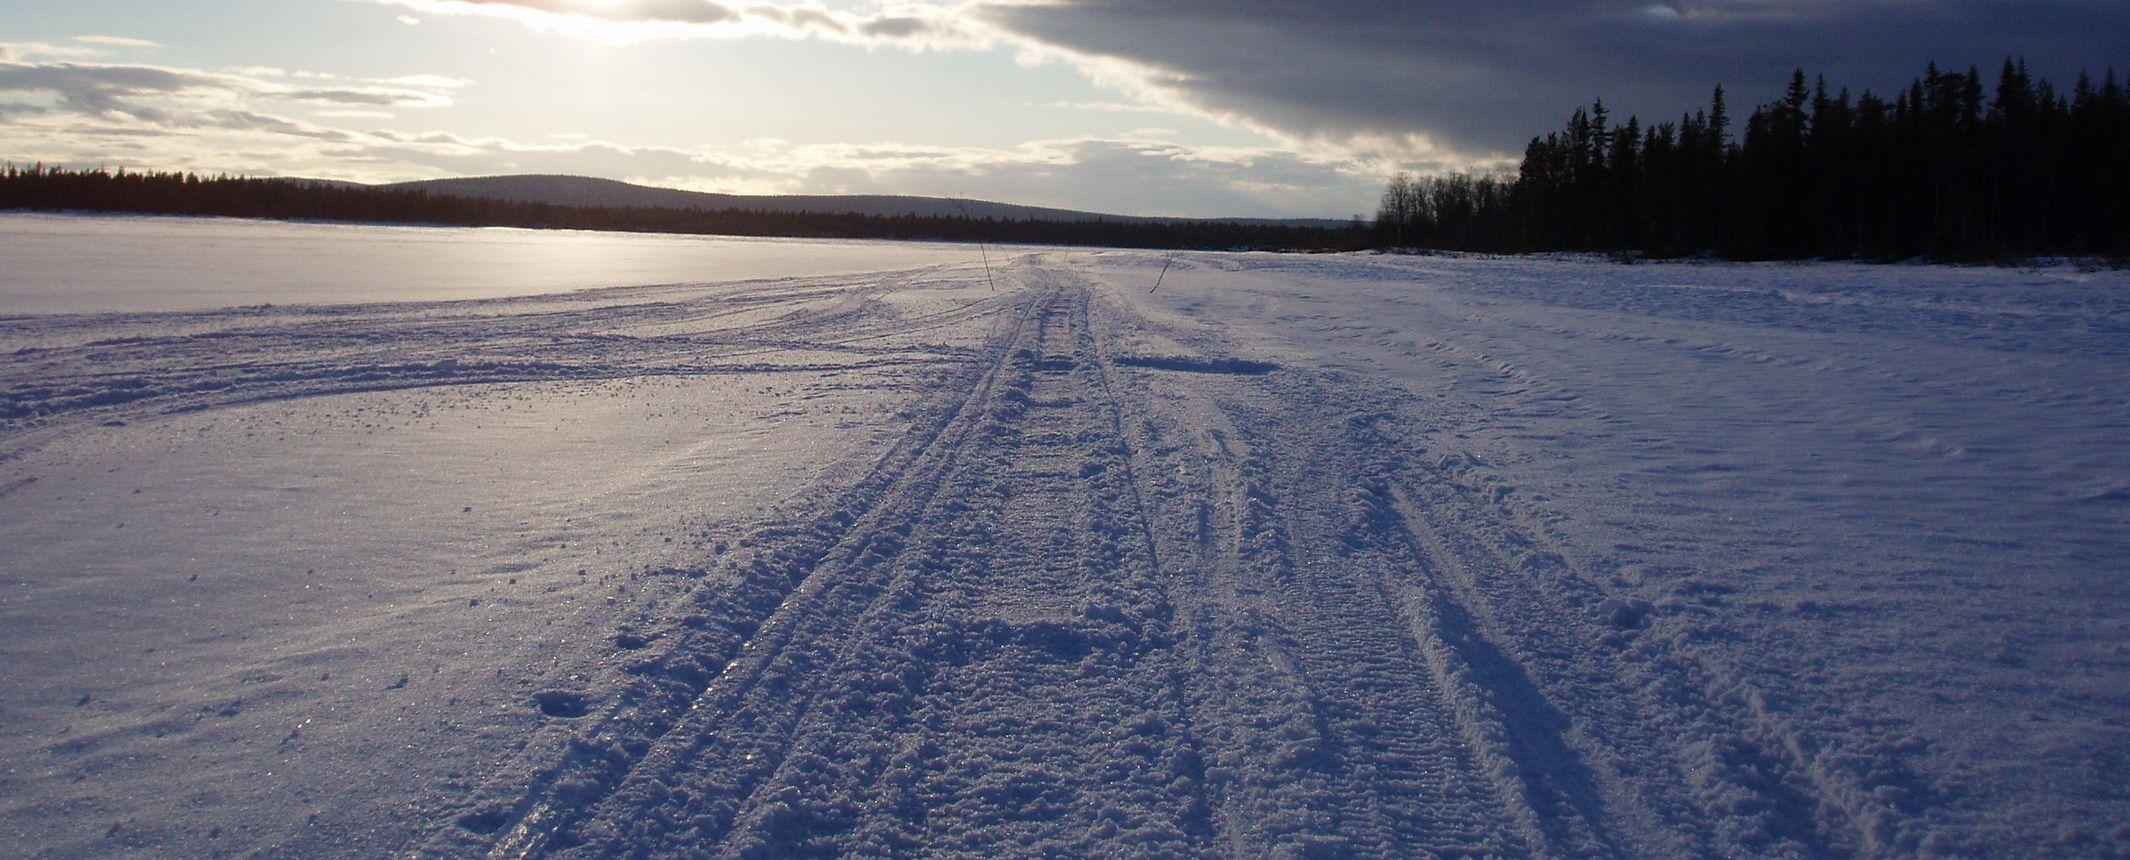 FINLANDIA. Travesía en esquí de fondo por la frontera Rusa